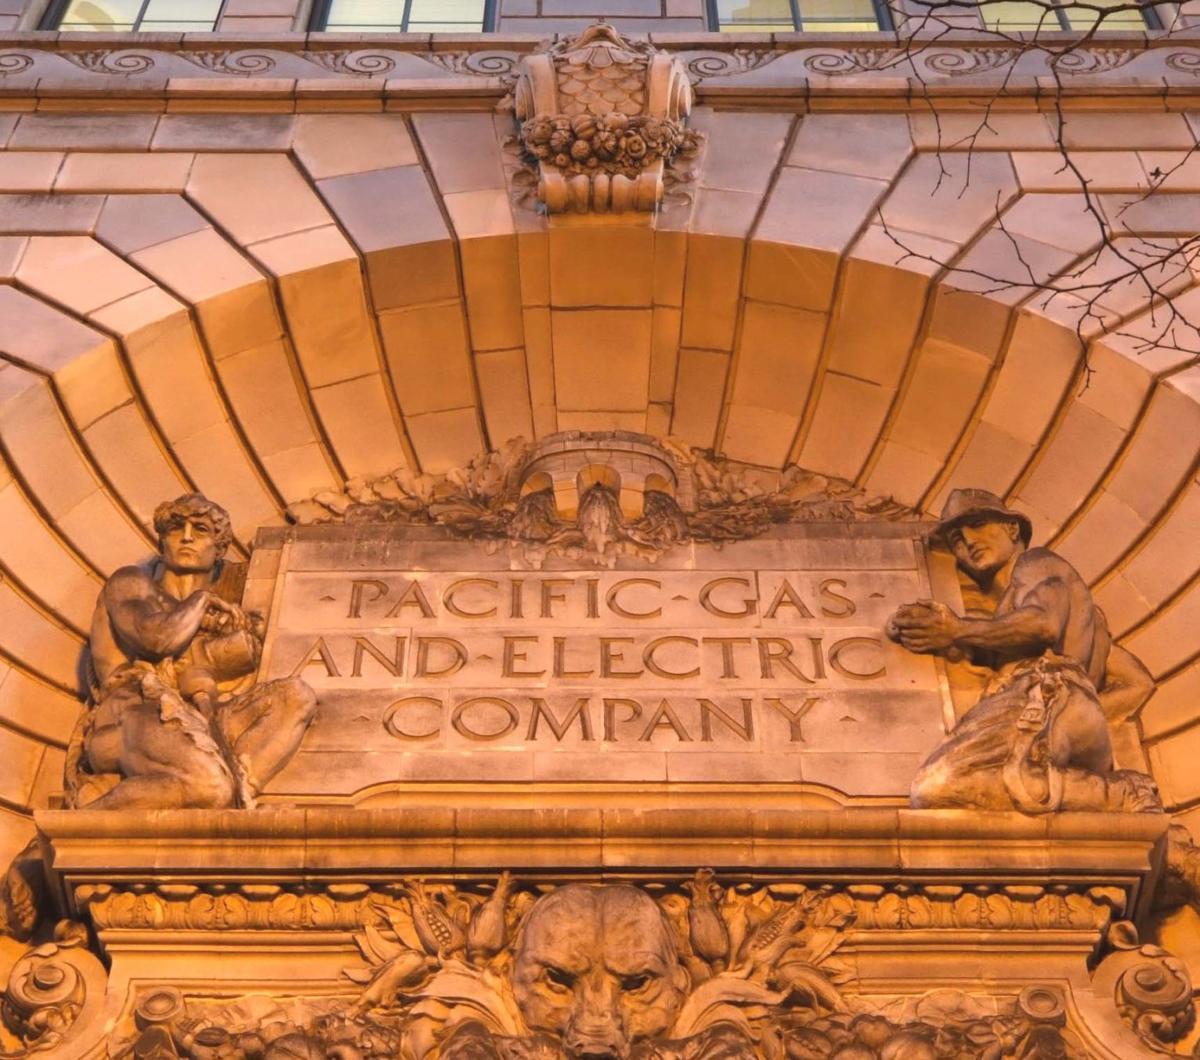 PG&E Facade